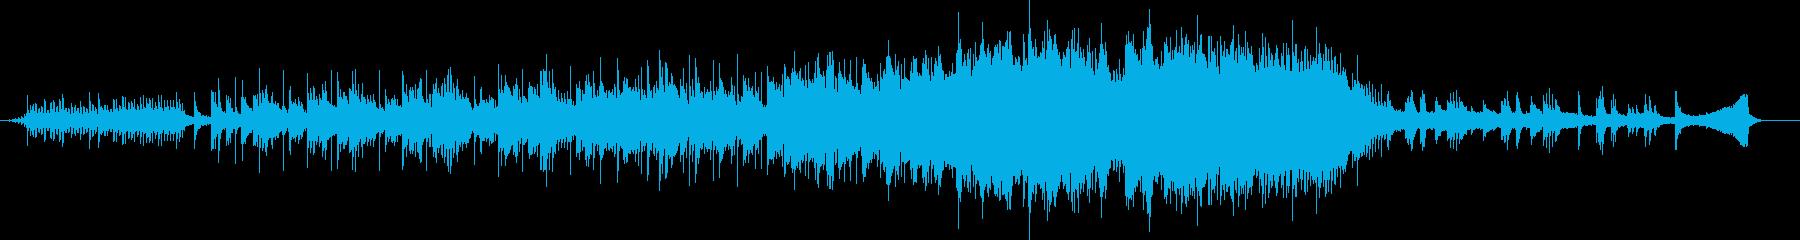 スローなメモリアル・ラブ・バラードの再生済みの波形